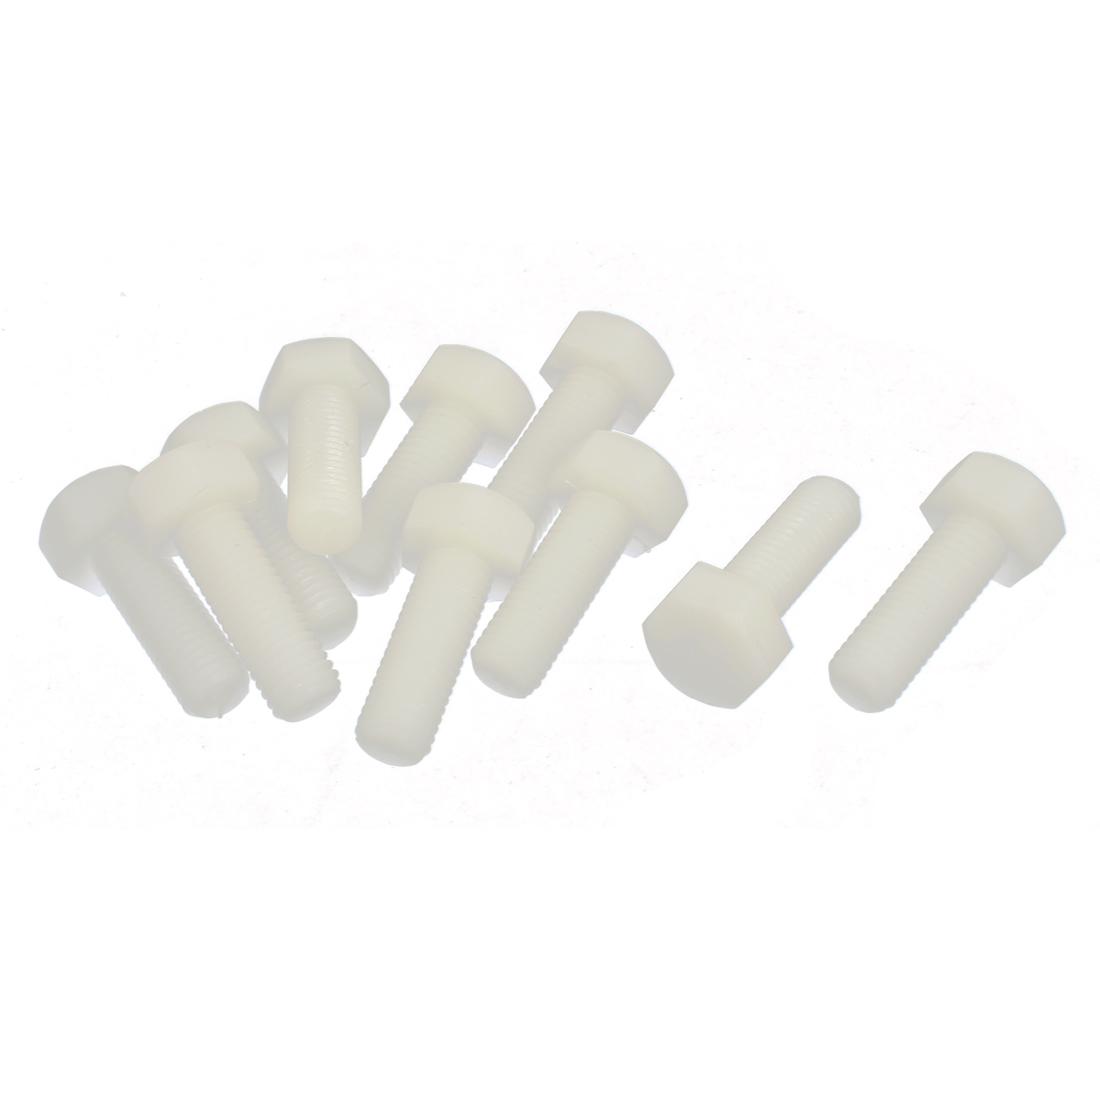 M12 x 35mm Full Thread 1.75mm Pitch Nylon Metric Hex Head Cap Screw Bolt 10 Pcs